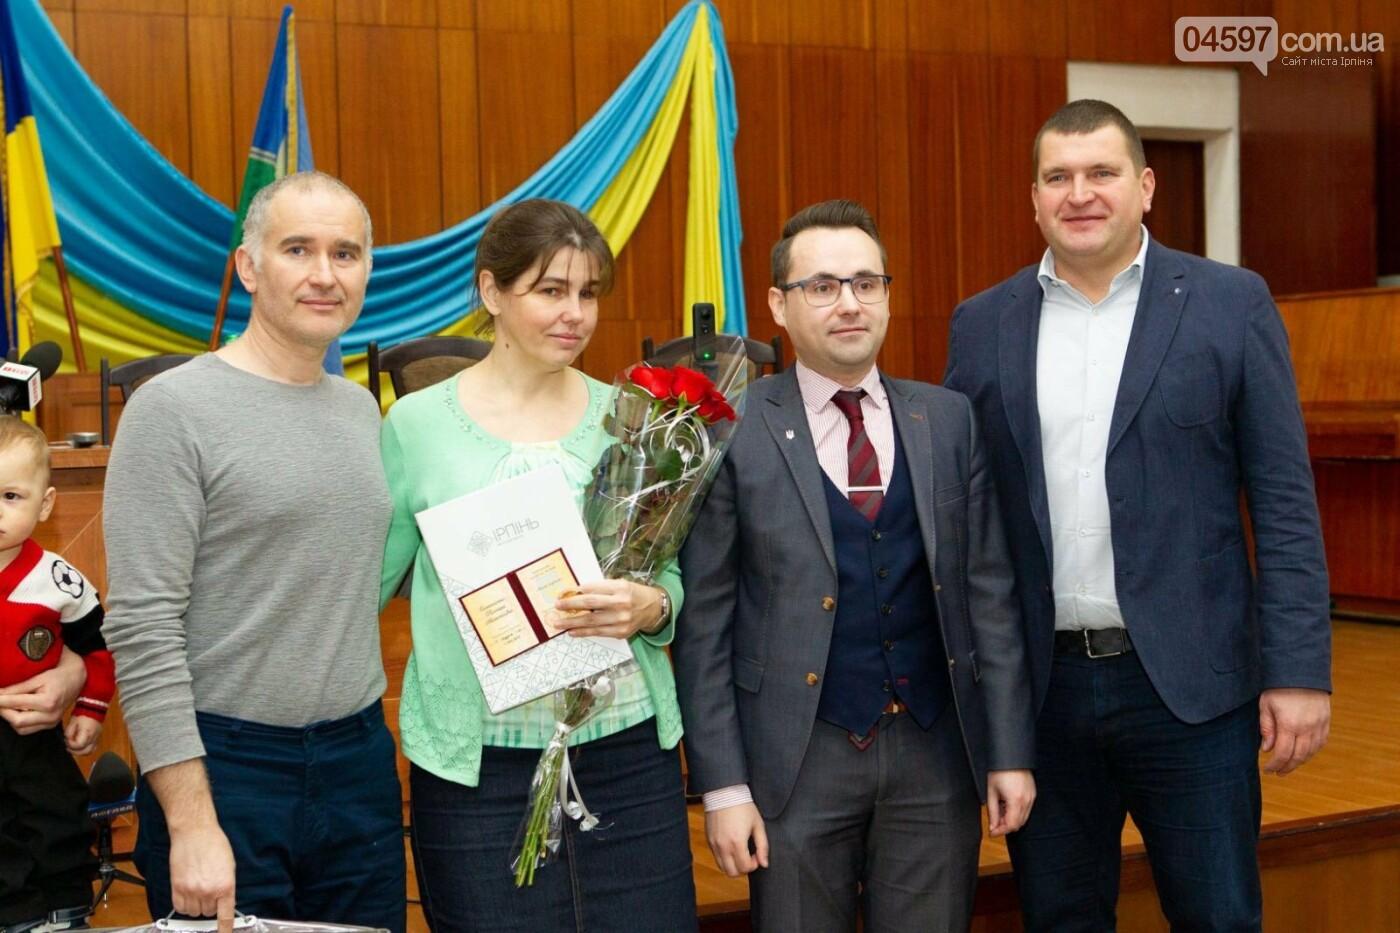 """В Ірпені двох жінок відзначили нагородою """"Мати-героїня"""", фото-3"""